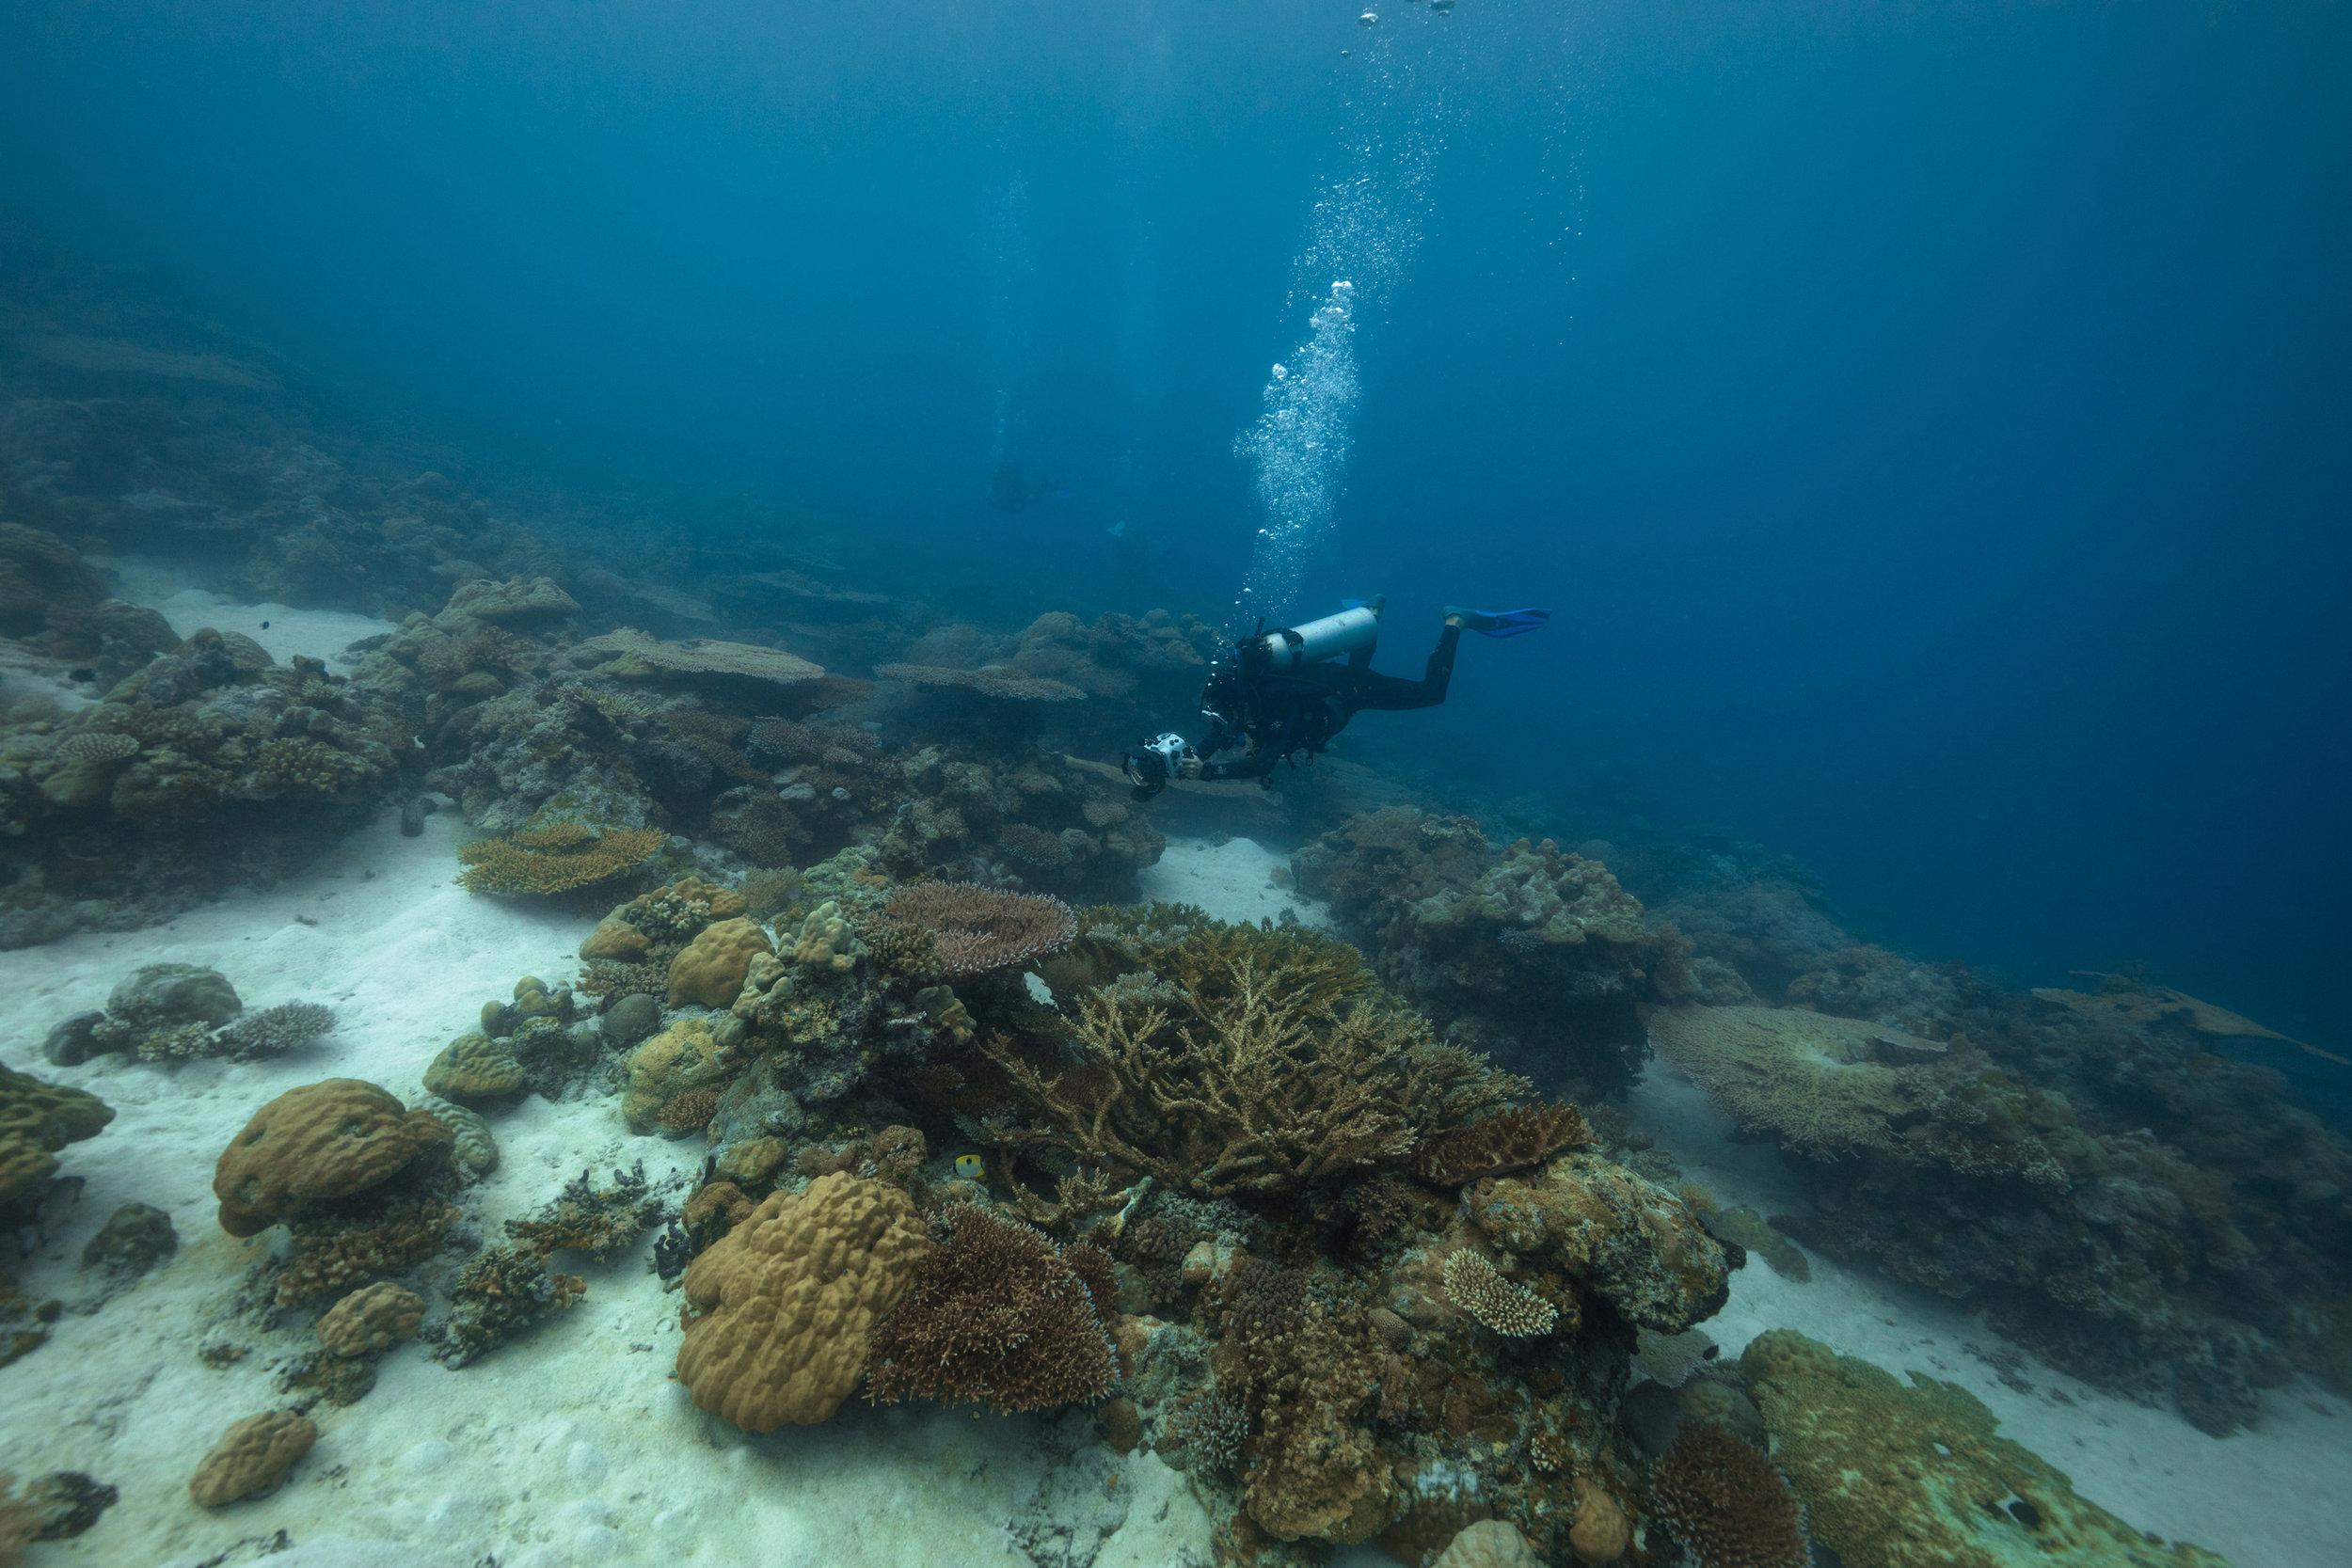 Co-Director Danielle Ryan filming a coral garden.